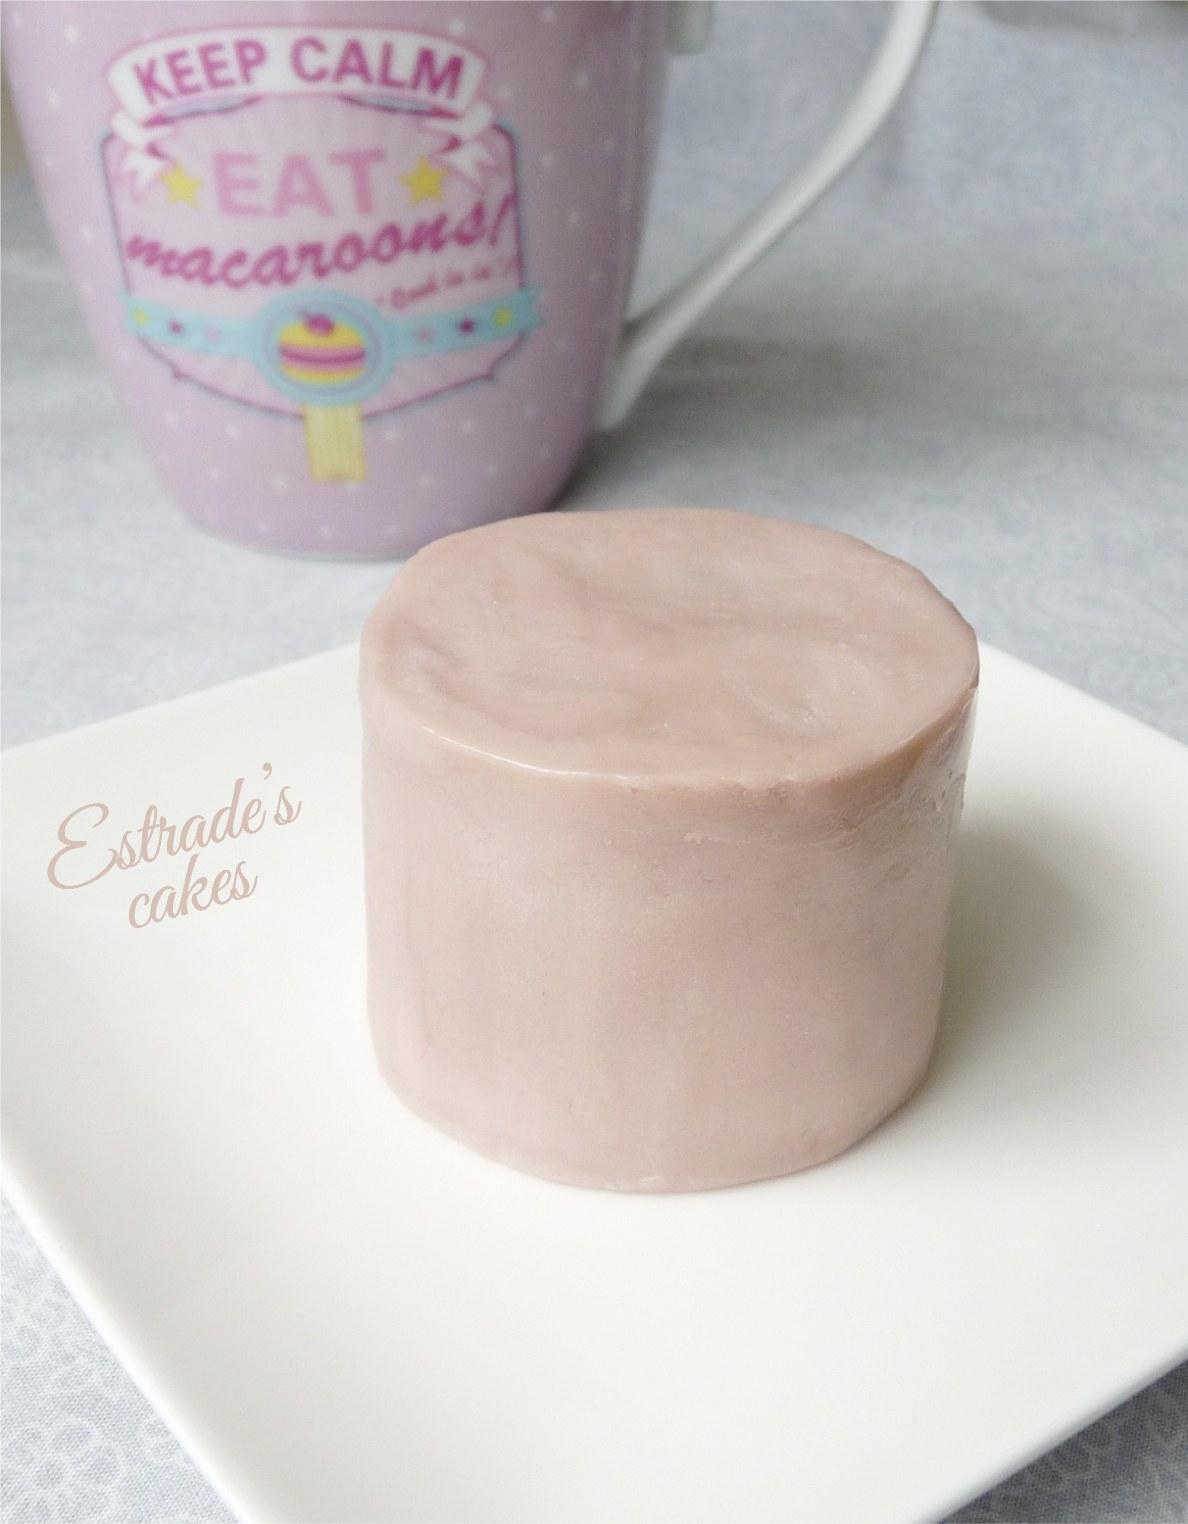 Chocolate plástico de modelar blanco, prueba 2 - pastel